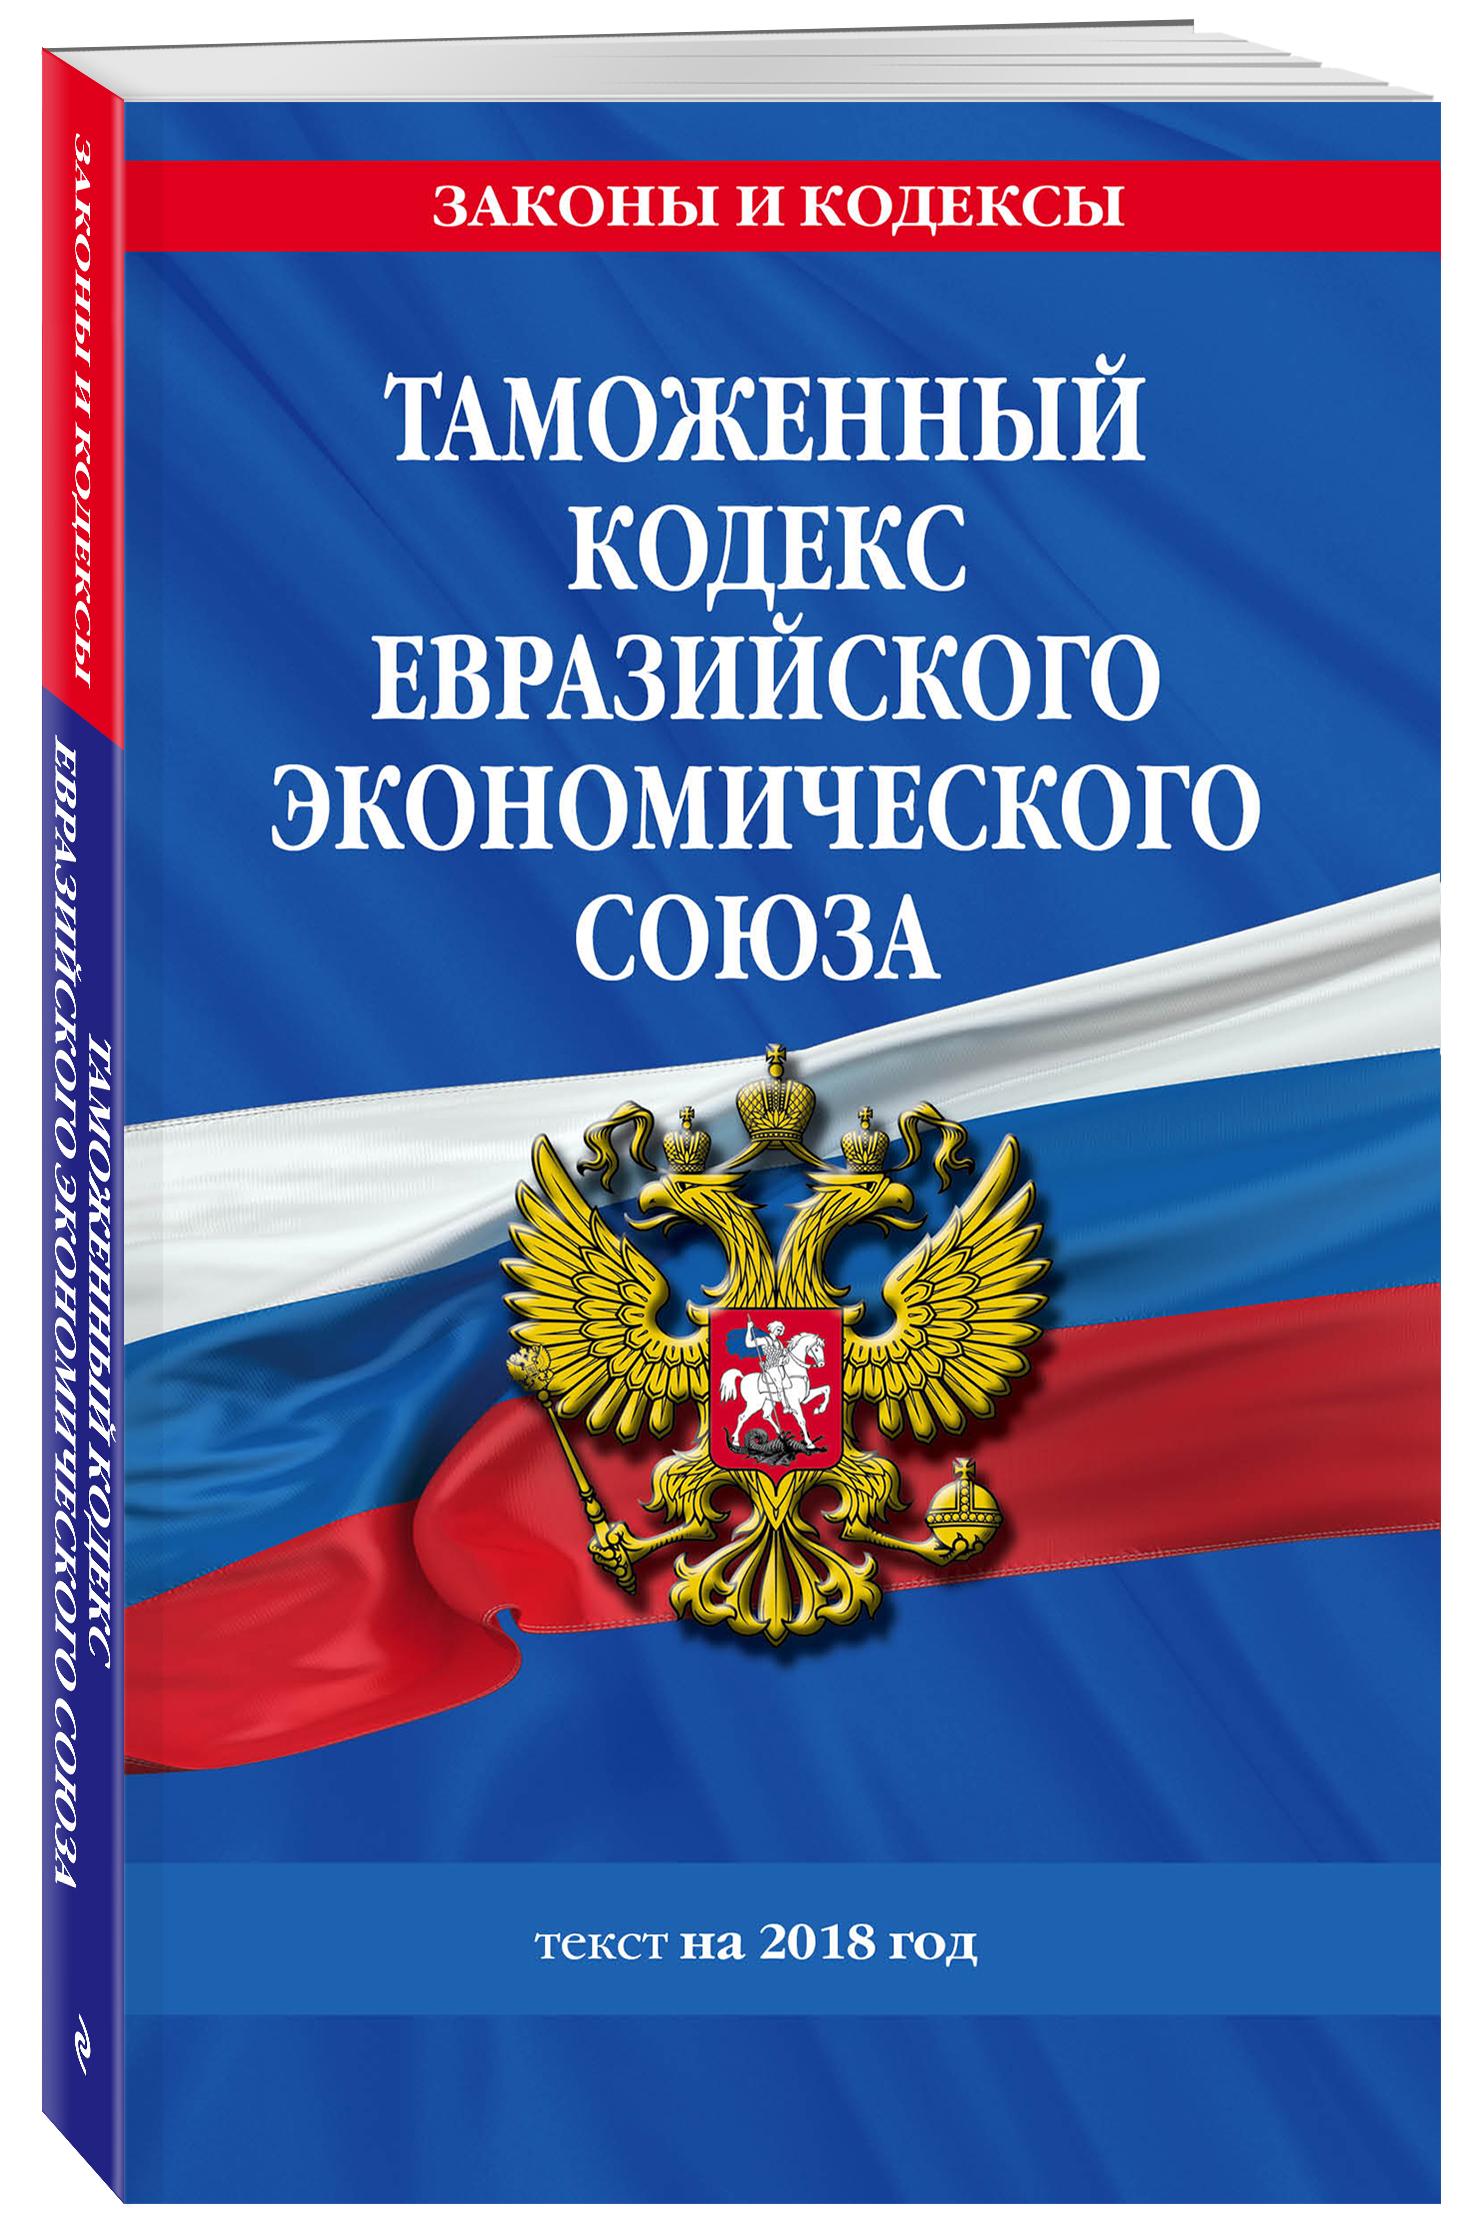 Таможенный кодекс Евразийского экономического союза: текст на 2019 год таможенный кодекс евразийского экономического союза текст с изменениями и дополнениями на 2018 год